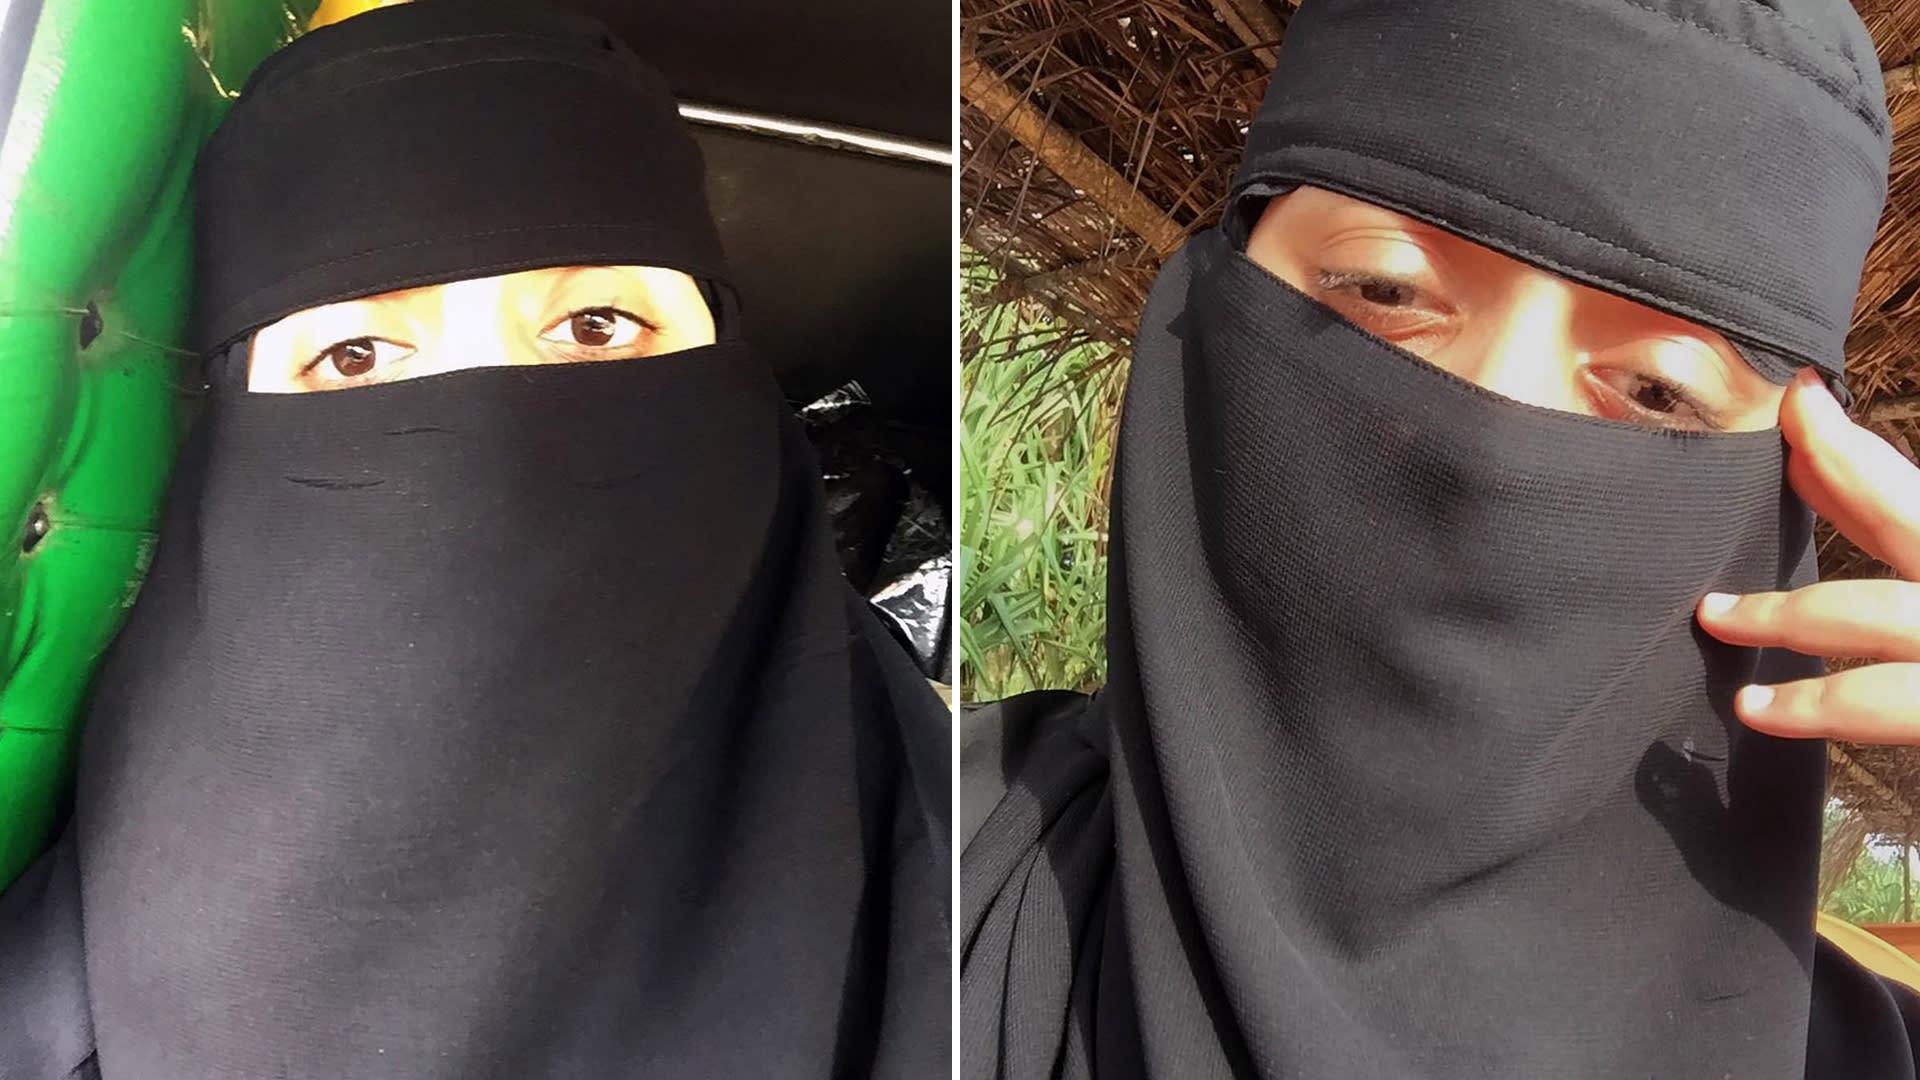 """الشقيقتان ريم وروان.. آخر ما نعلمه عن الفتاتين الهاربتين من """"العنف المنزلي"""" في السعودية"""